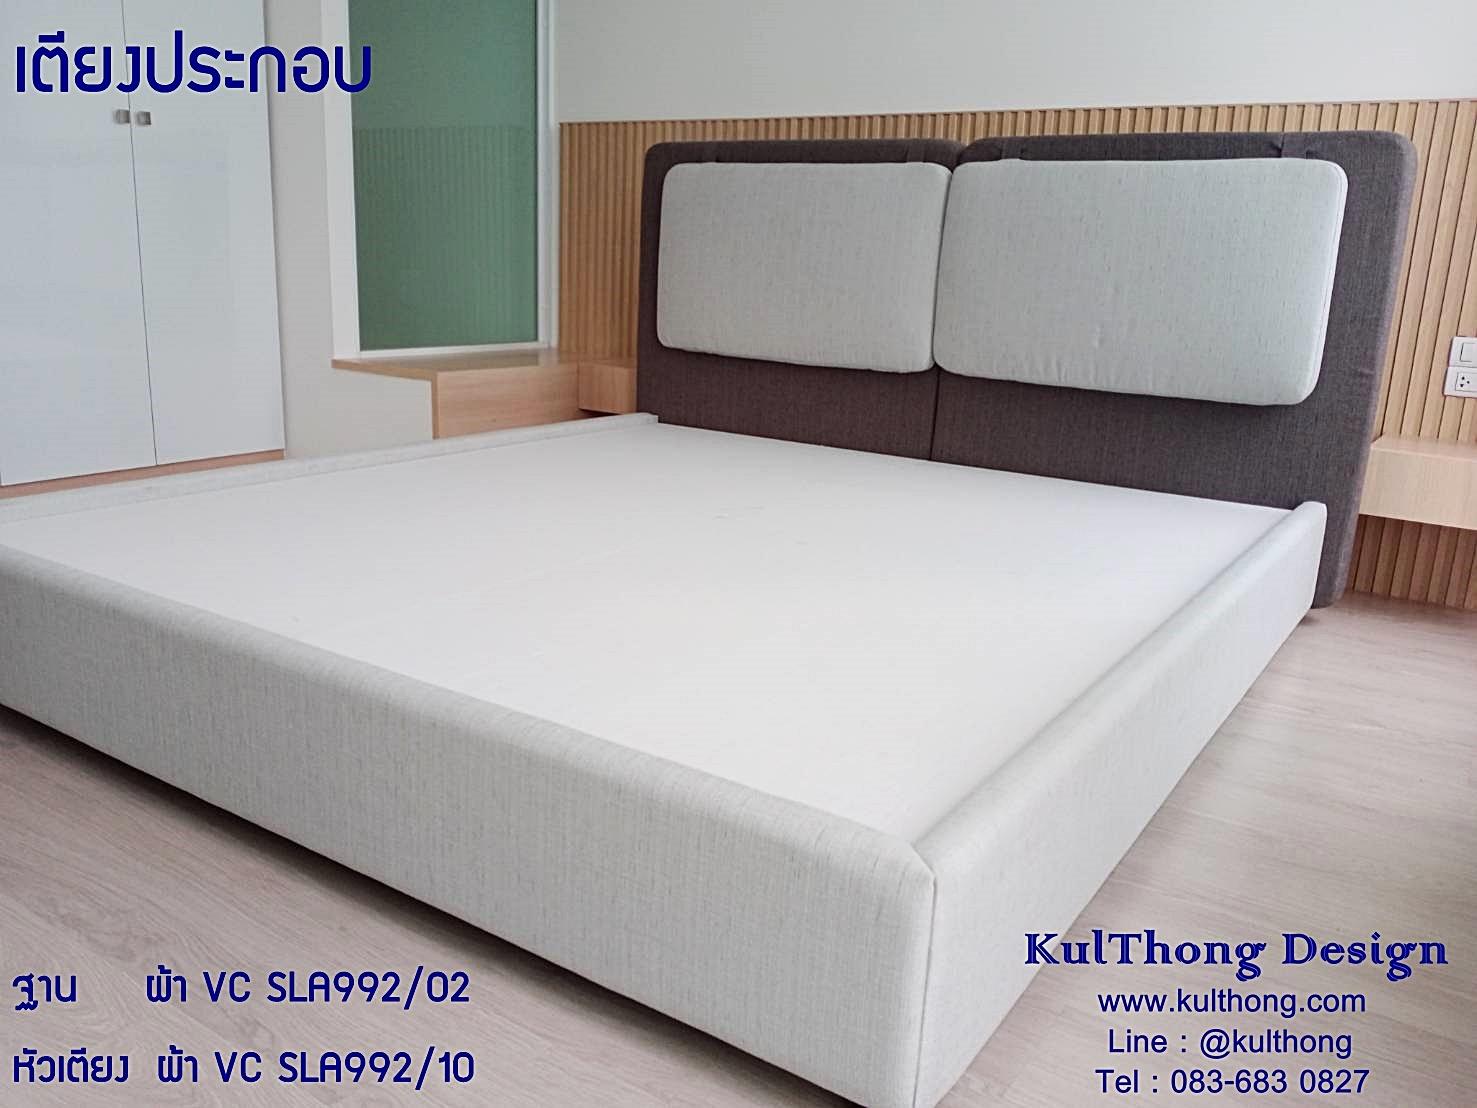 ฐานเตียง ฐานรองที่นอน เตียงมีหัว